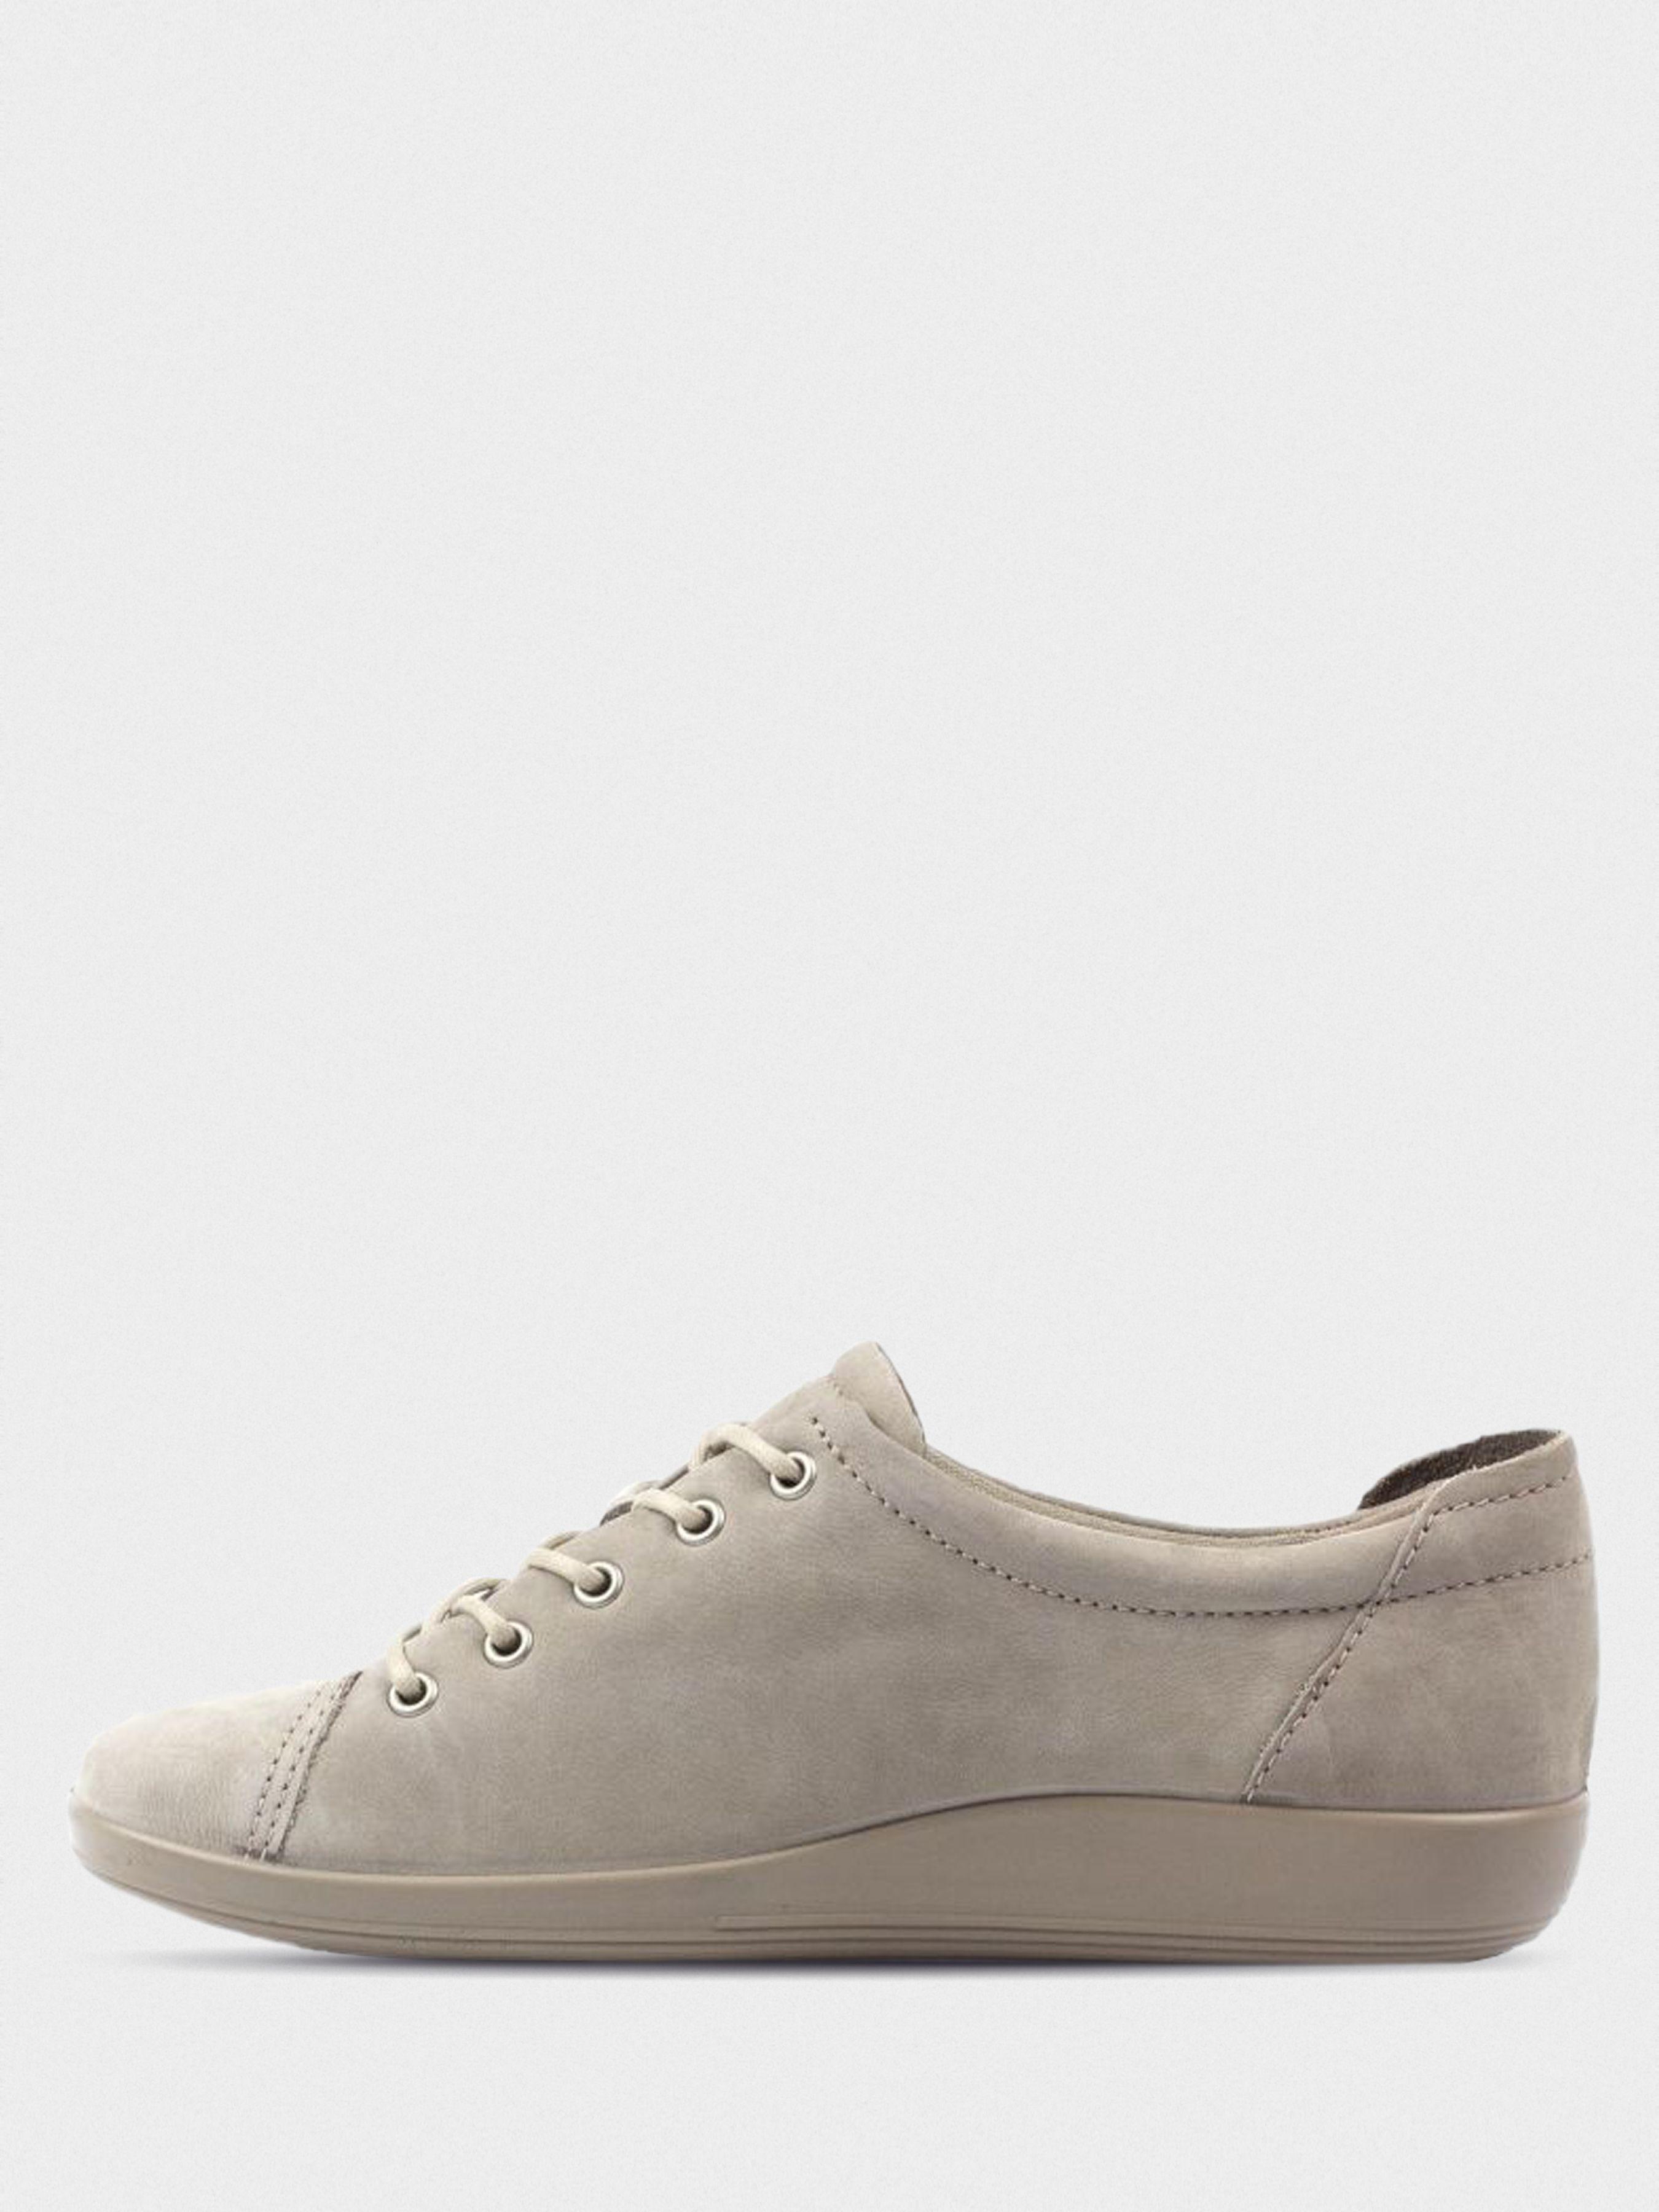 Полуботинки женские ECCO SOFT 2.0 ZW5170 брендовая обувь, 2017